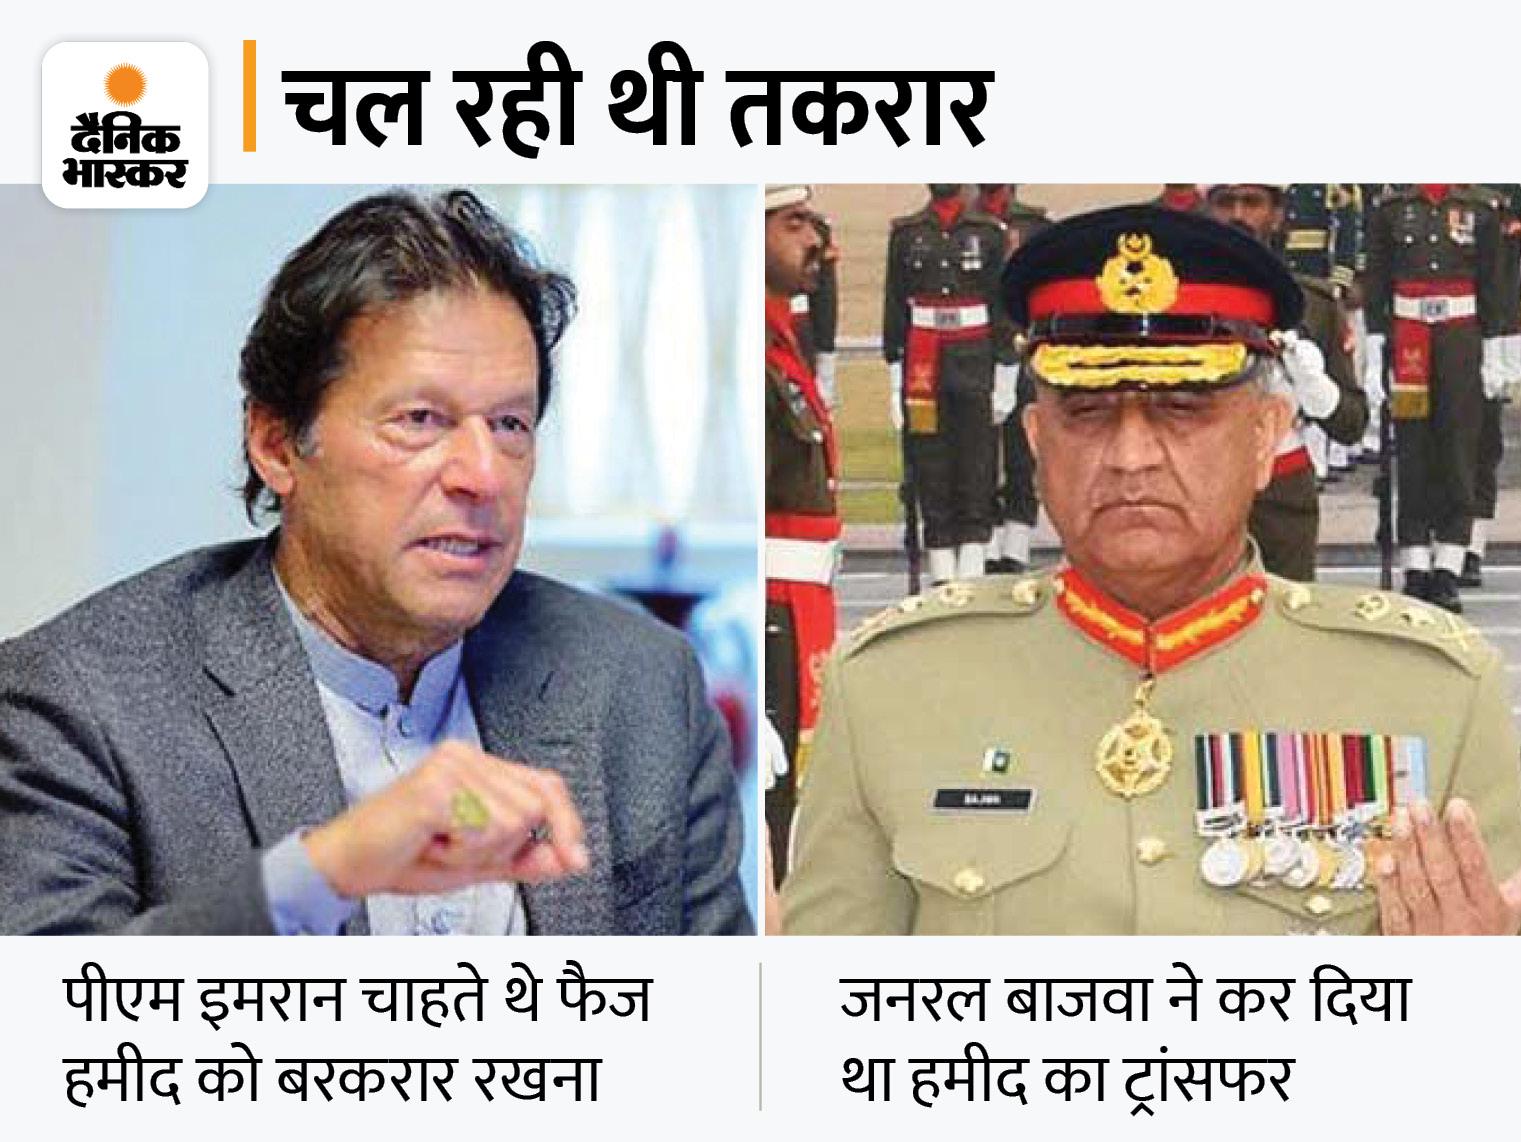 पाकिस्तानी सेना के आगे झुके इमरान खान, दी ISI के नए चीफ को मंजूरी विदेश,International - Dainik Bhaskar